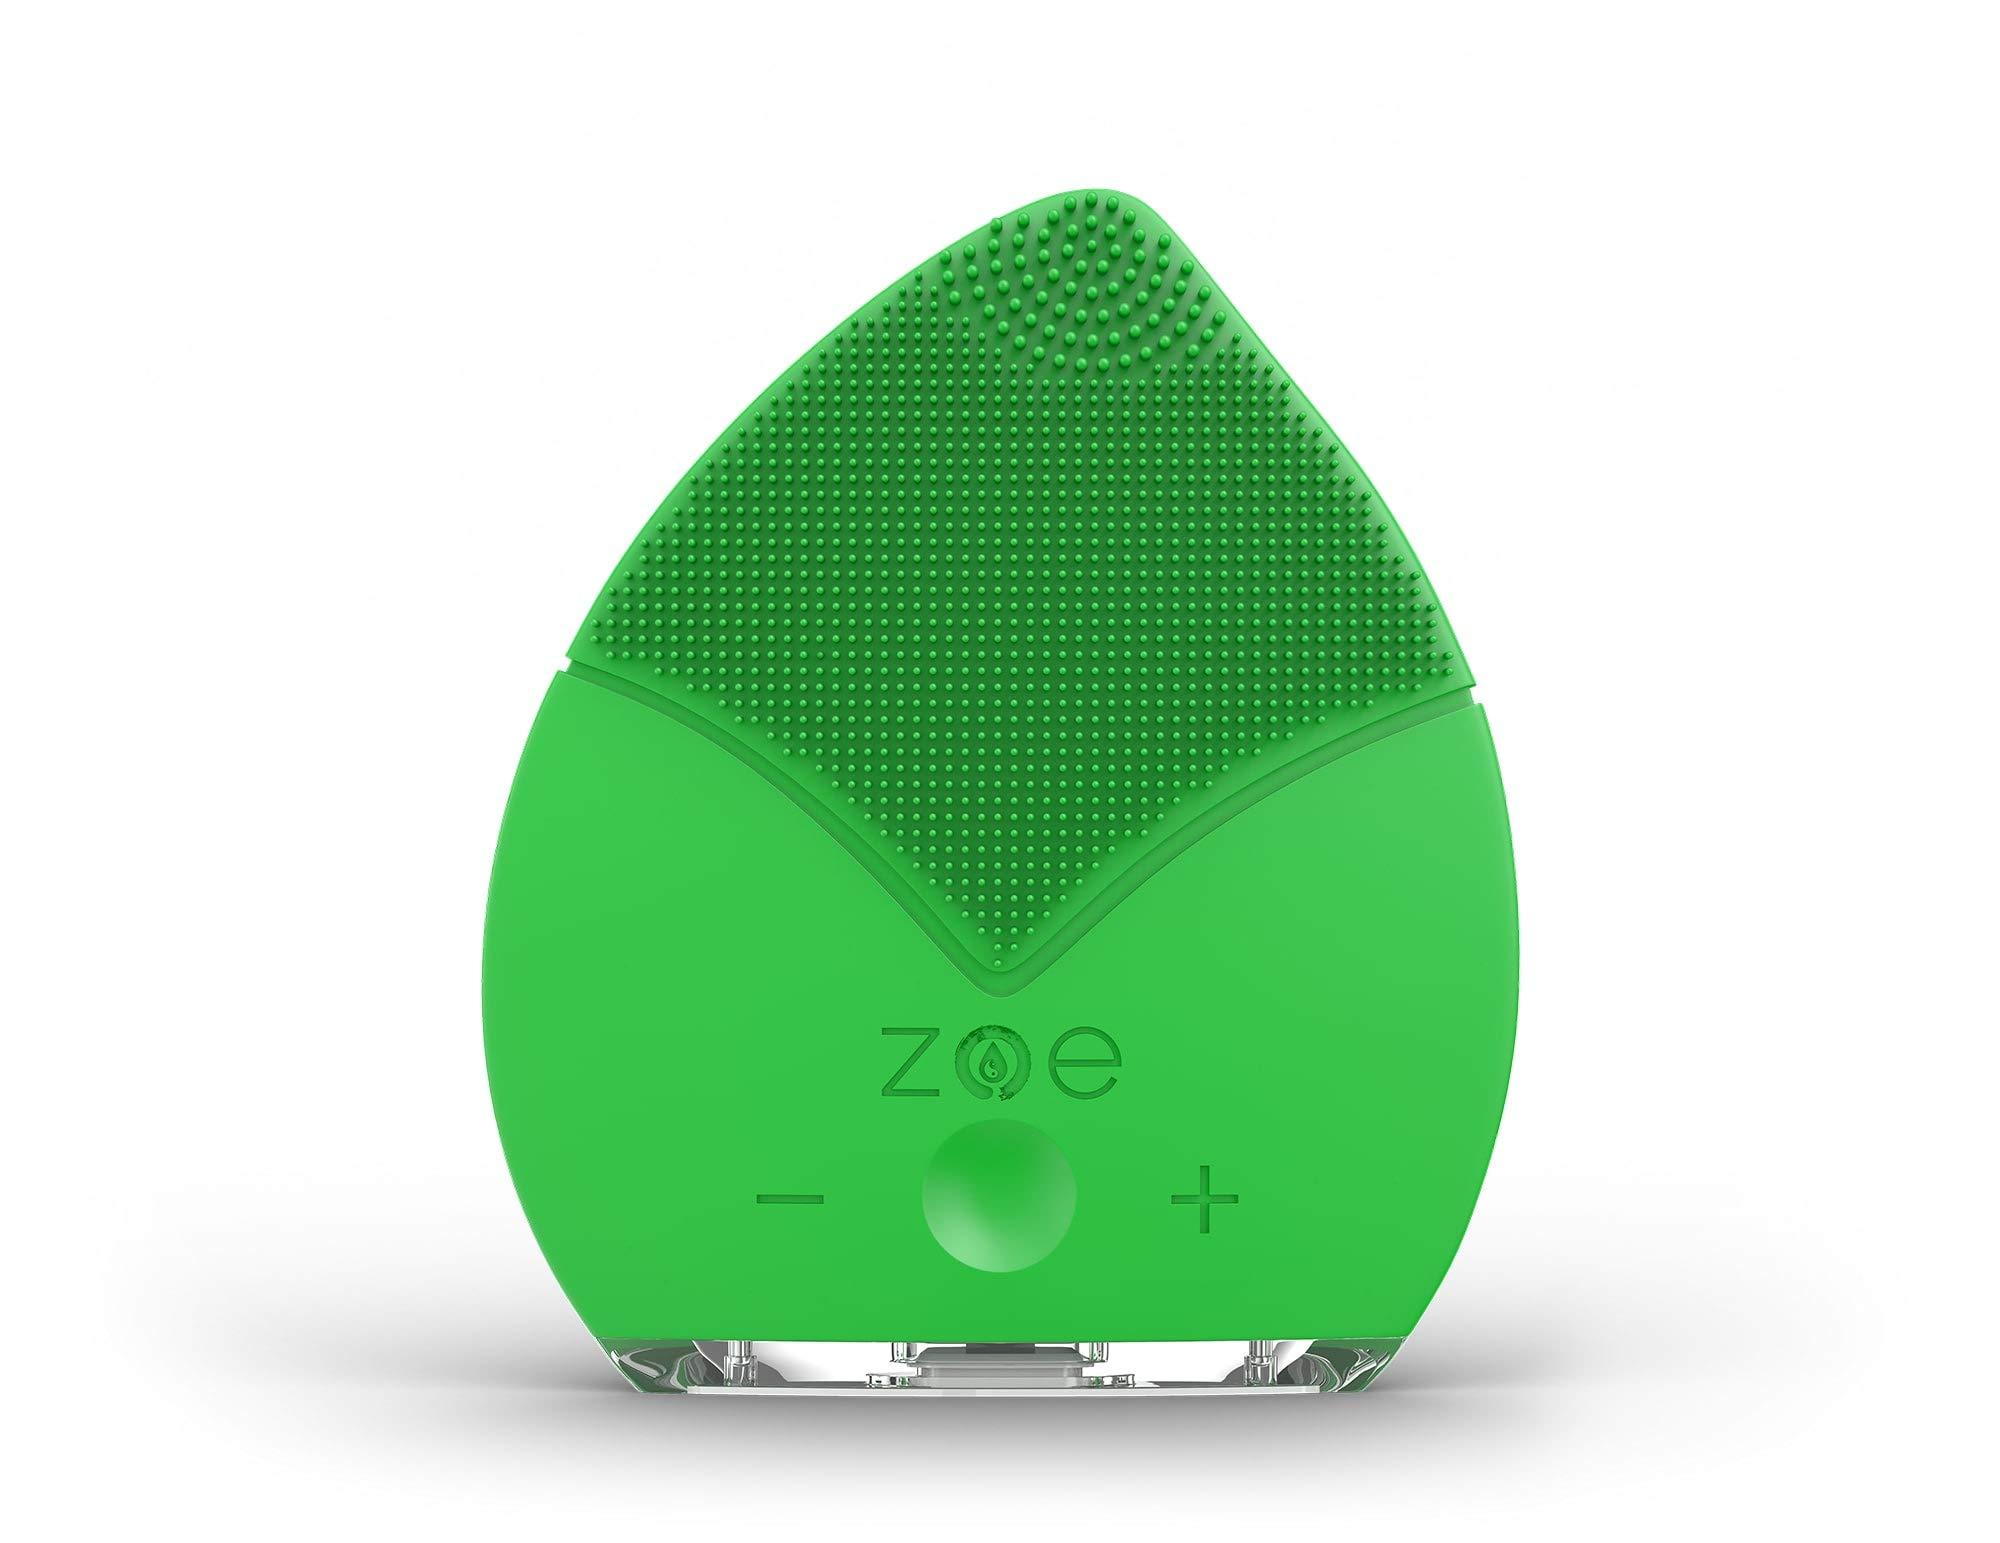 ZOE 3-in-1 Sonic Beauty Device